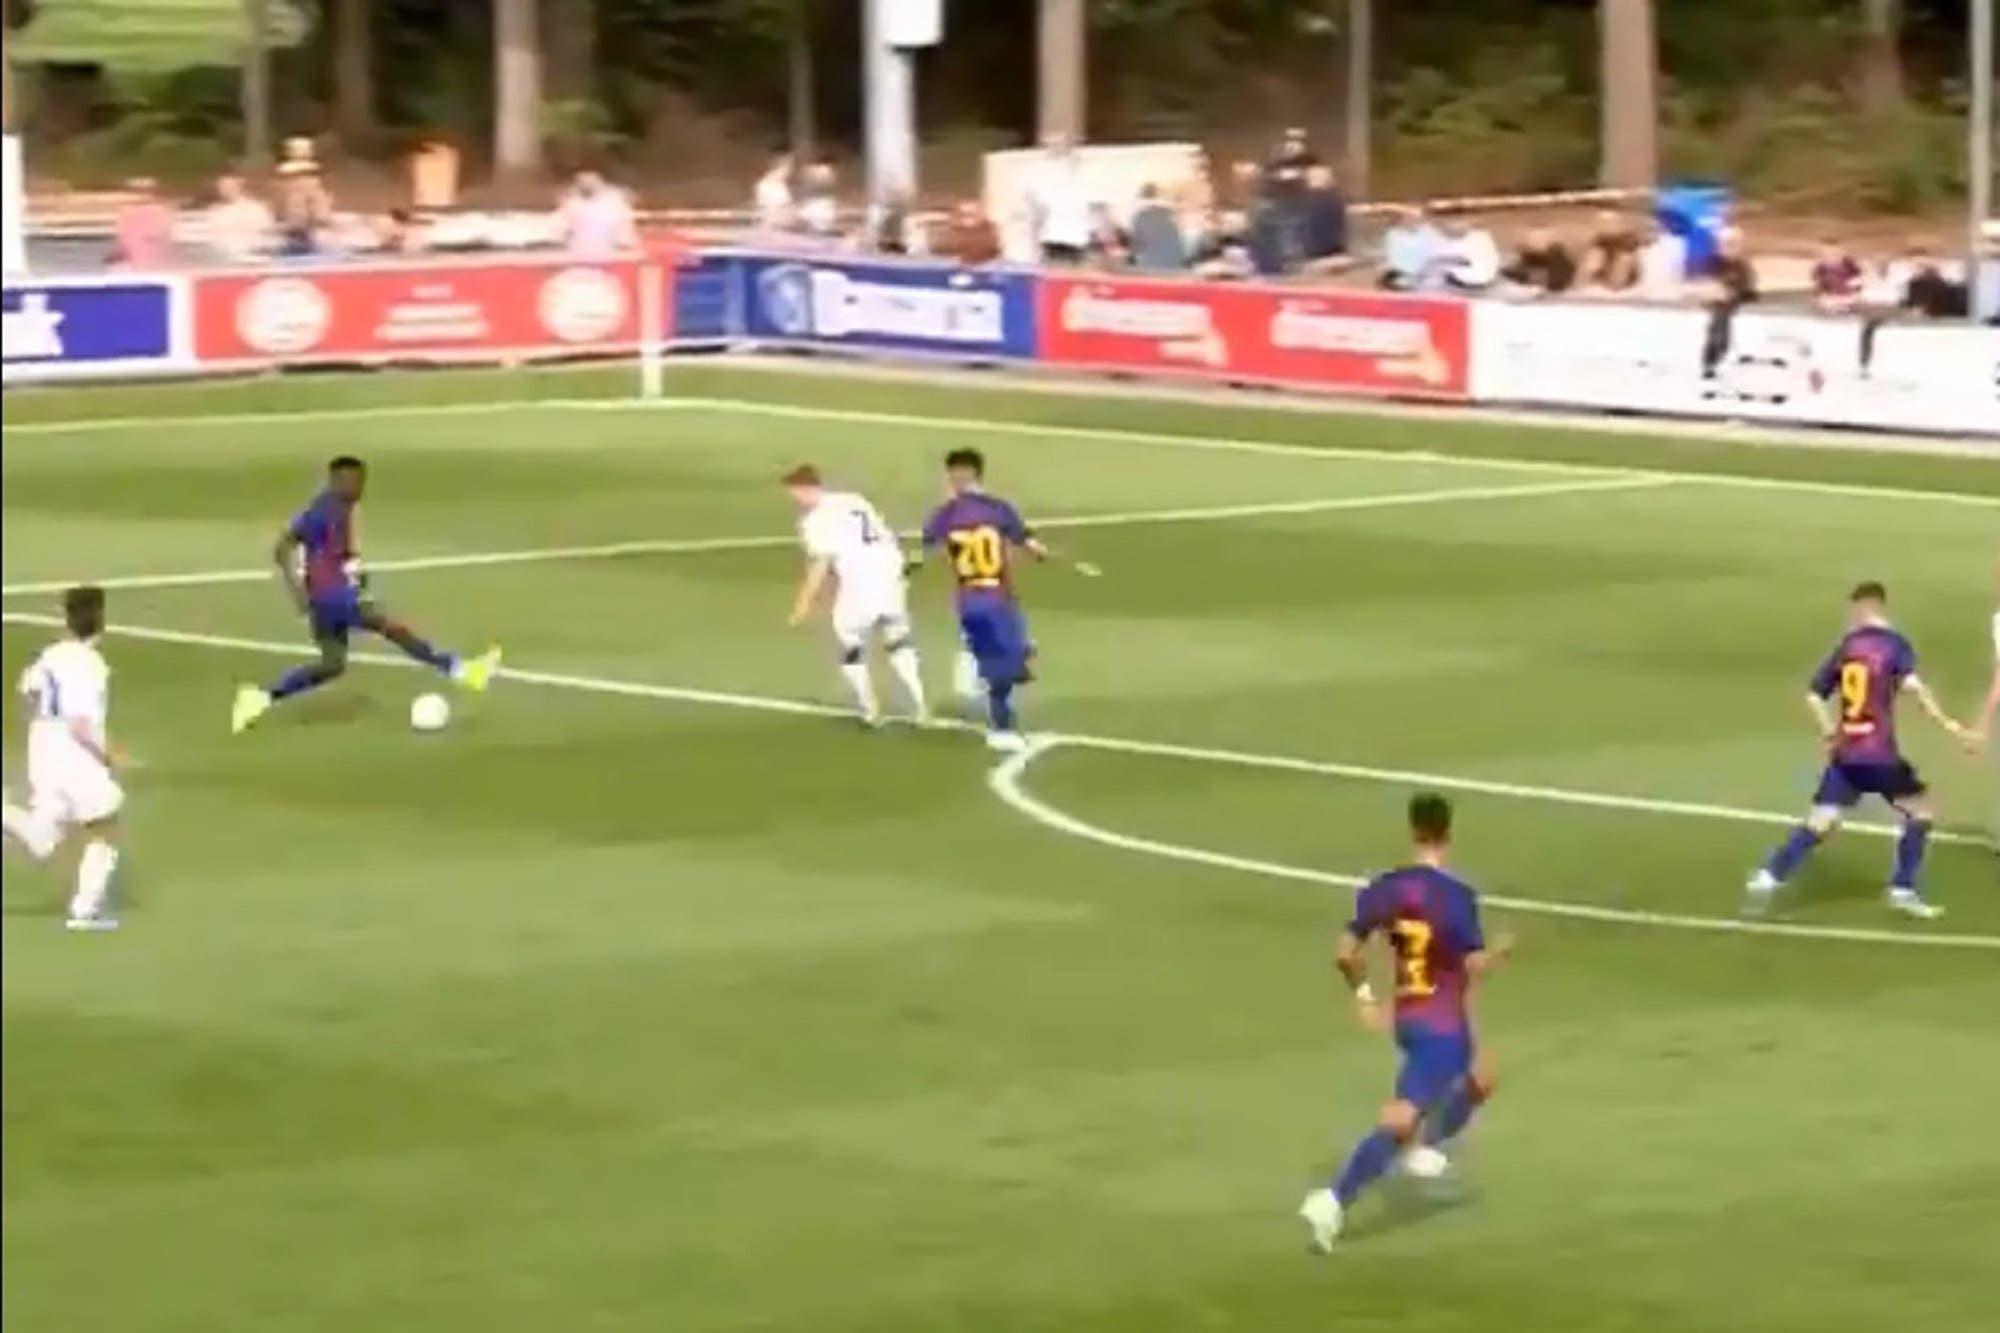 La increíble jugada de gol de la joya de 16 años que Barcelona blindó con 100 millones de euros